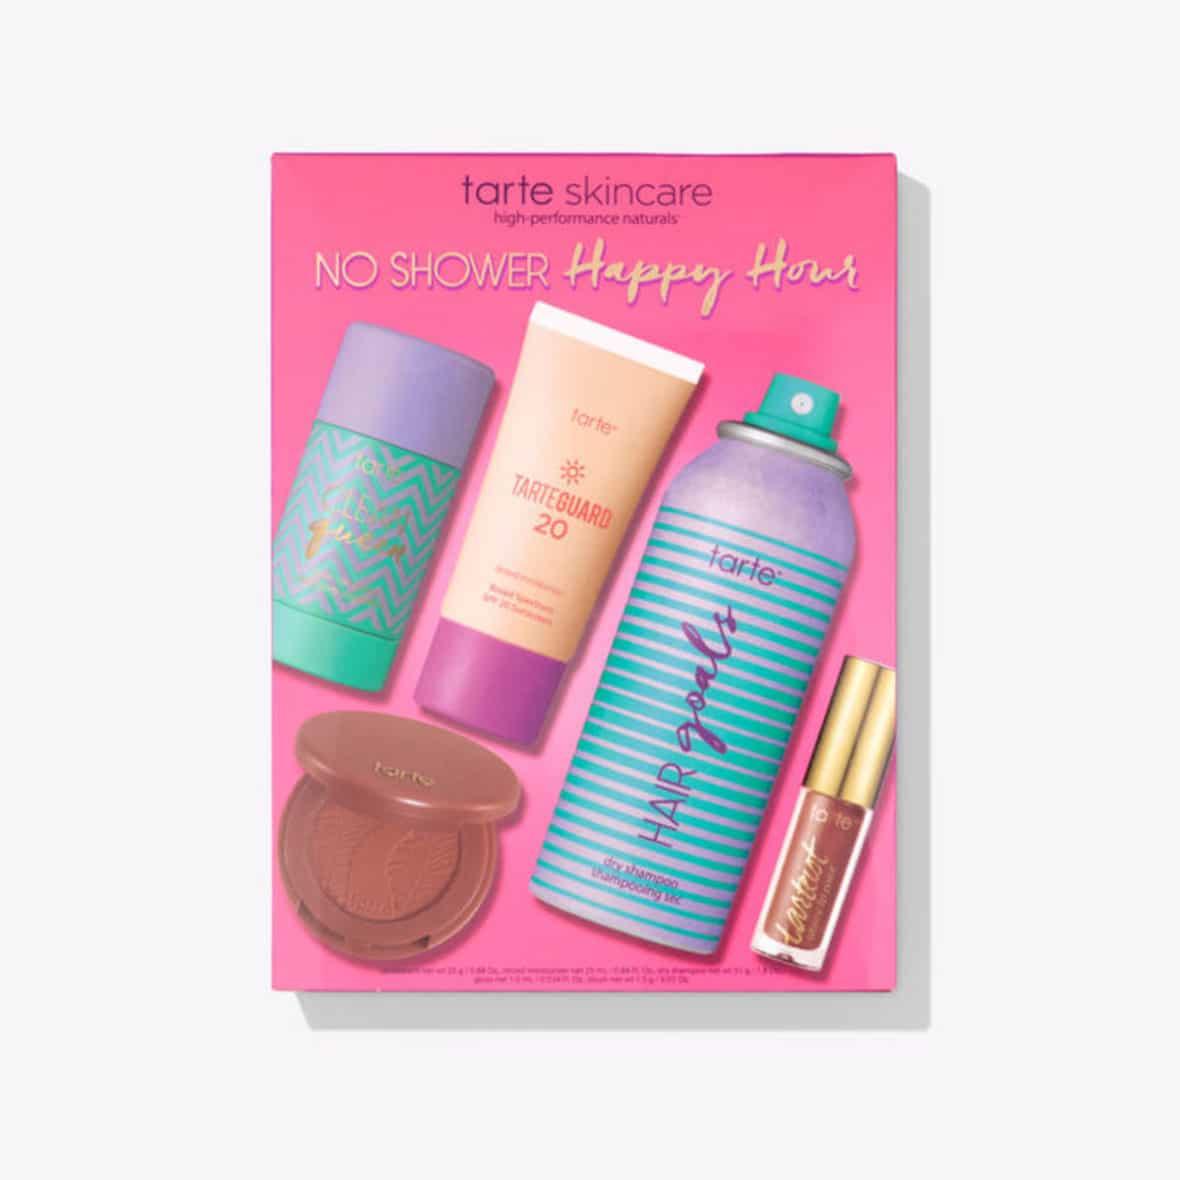 Tarte Cosmetics No Shower Happy Hour set